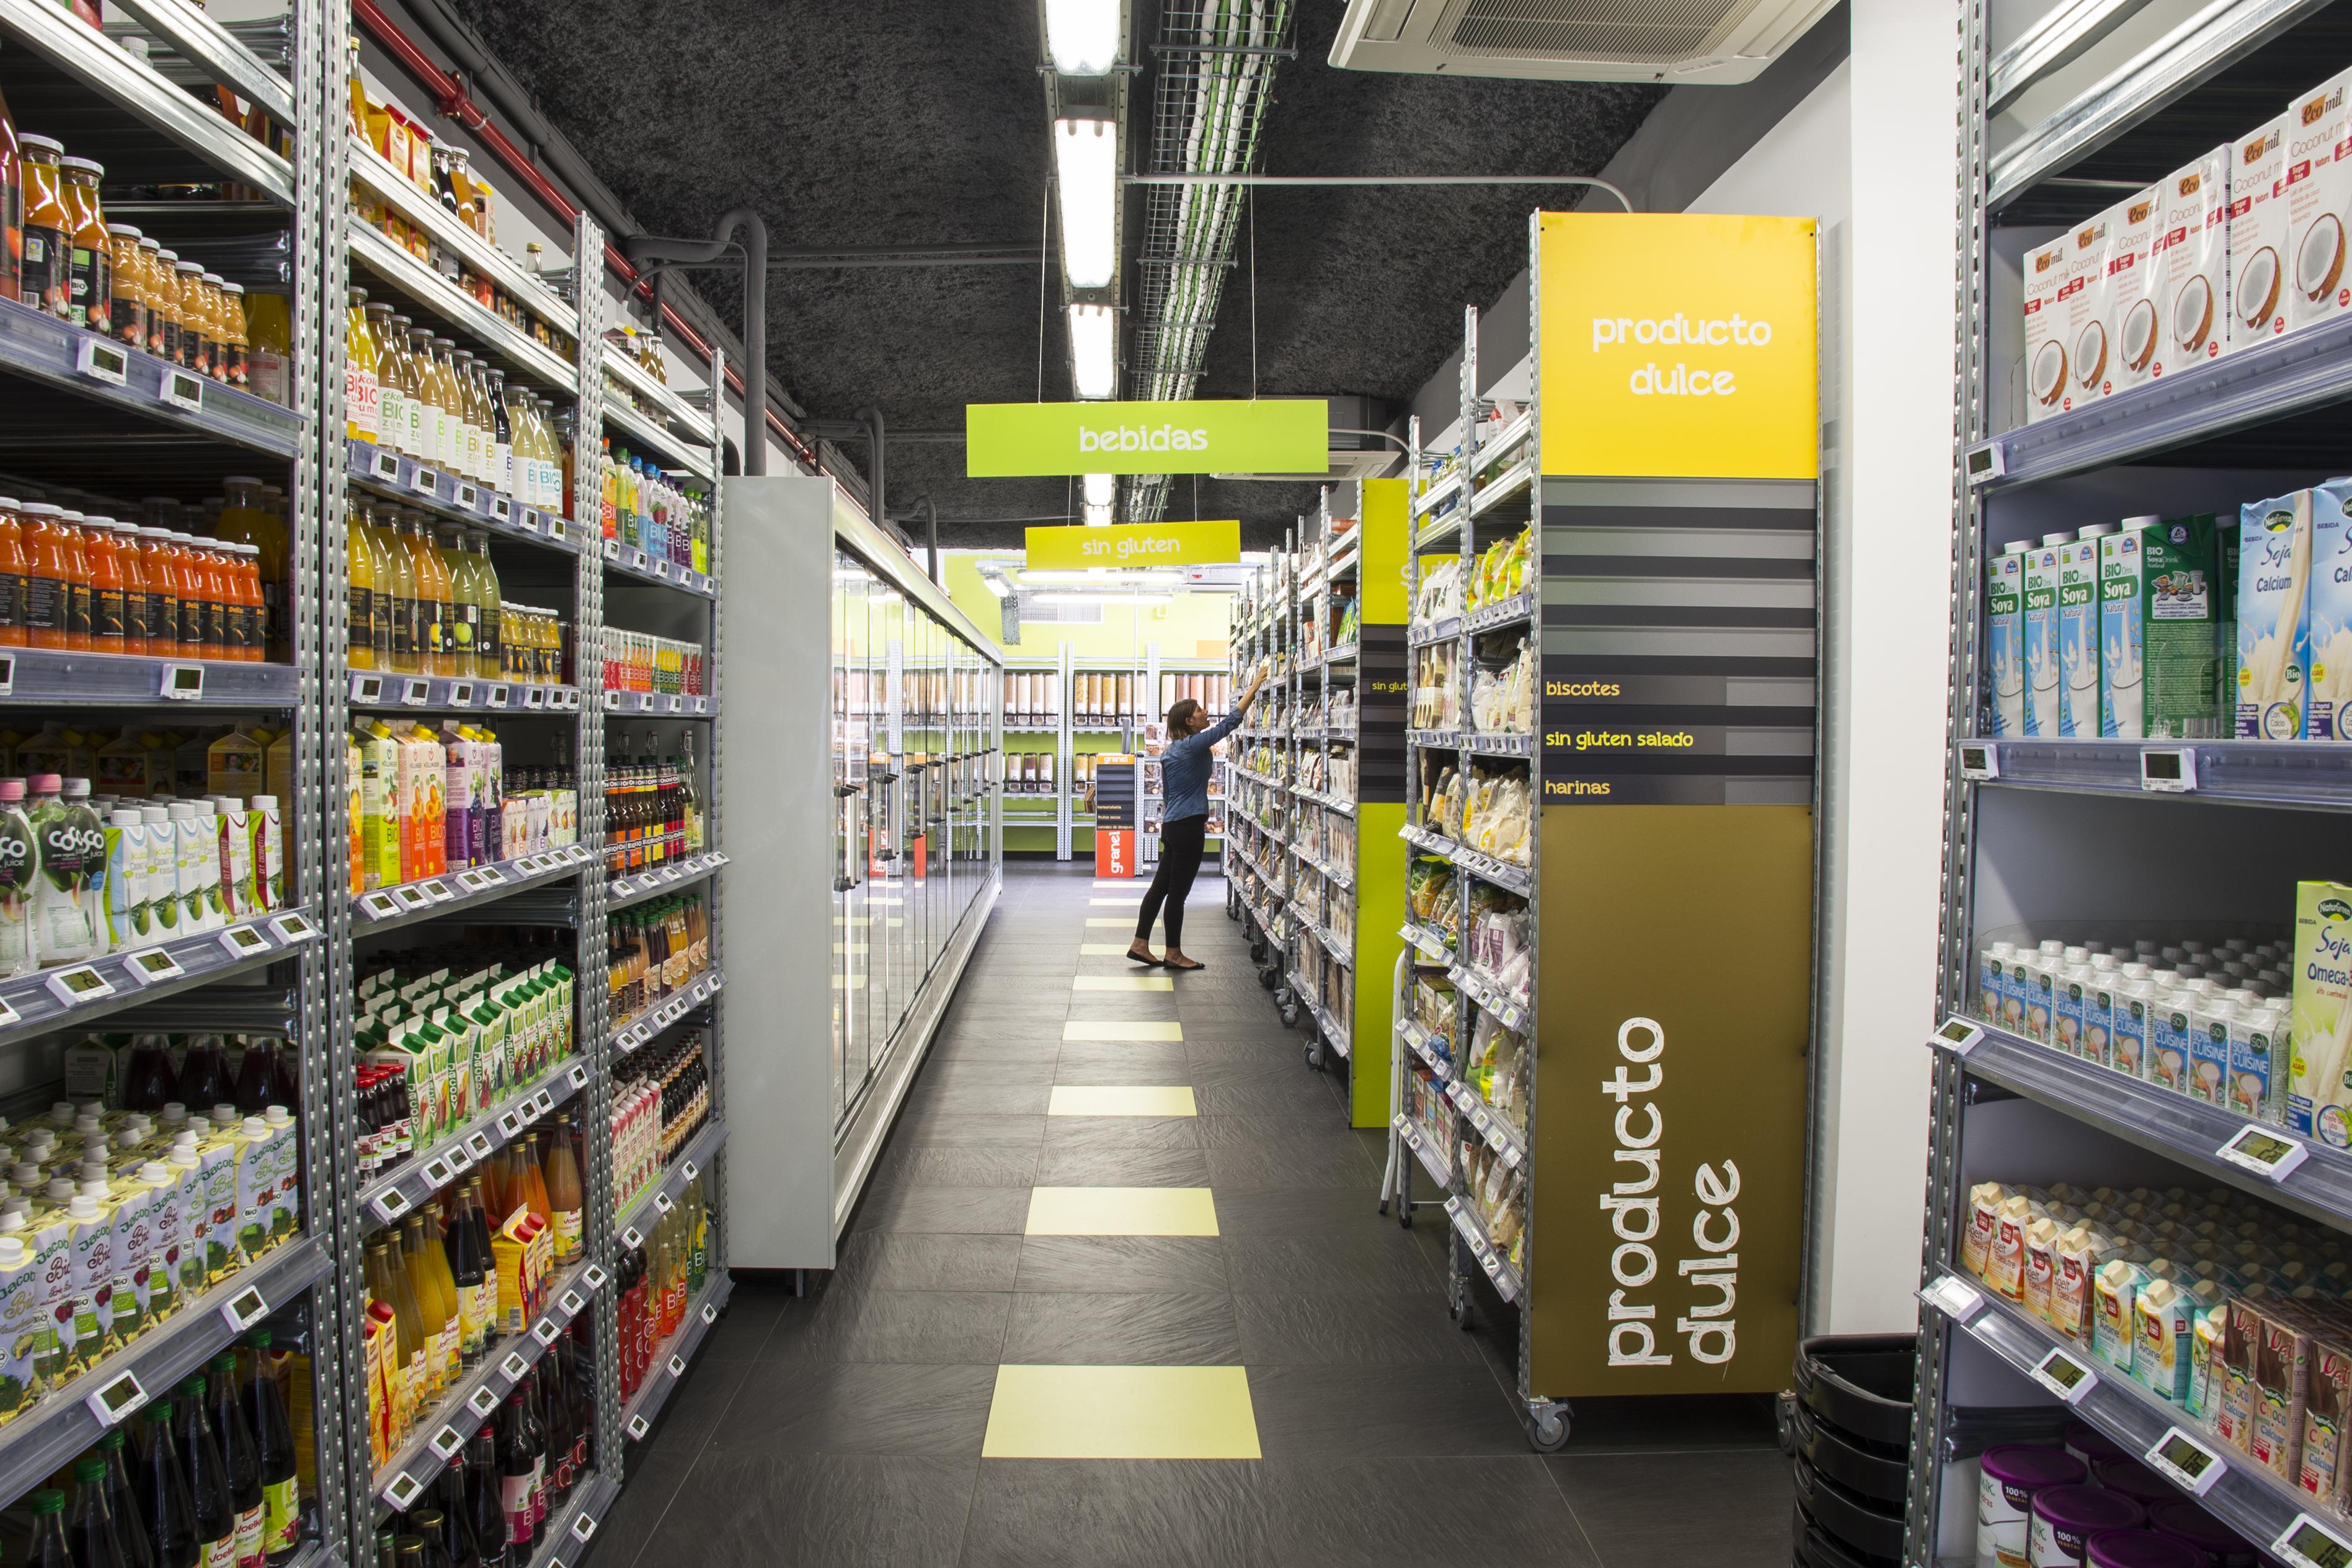 bio c bon la cadena de supermercados bio l der en francia abre su primer espacio en madrid. Black Bedroom Furniture Sets. Home Design Ideas